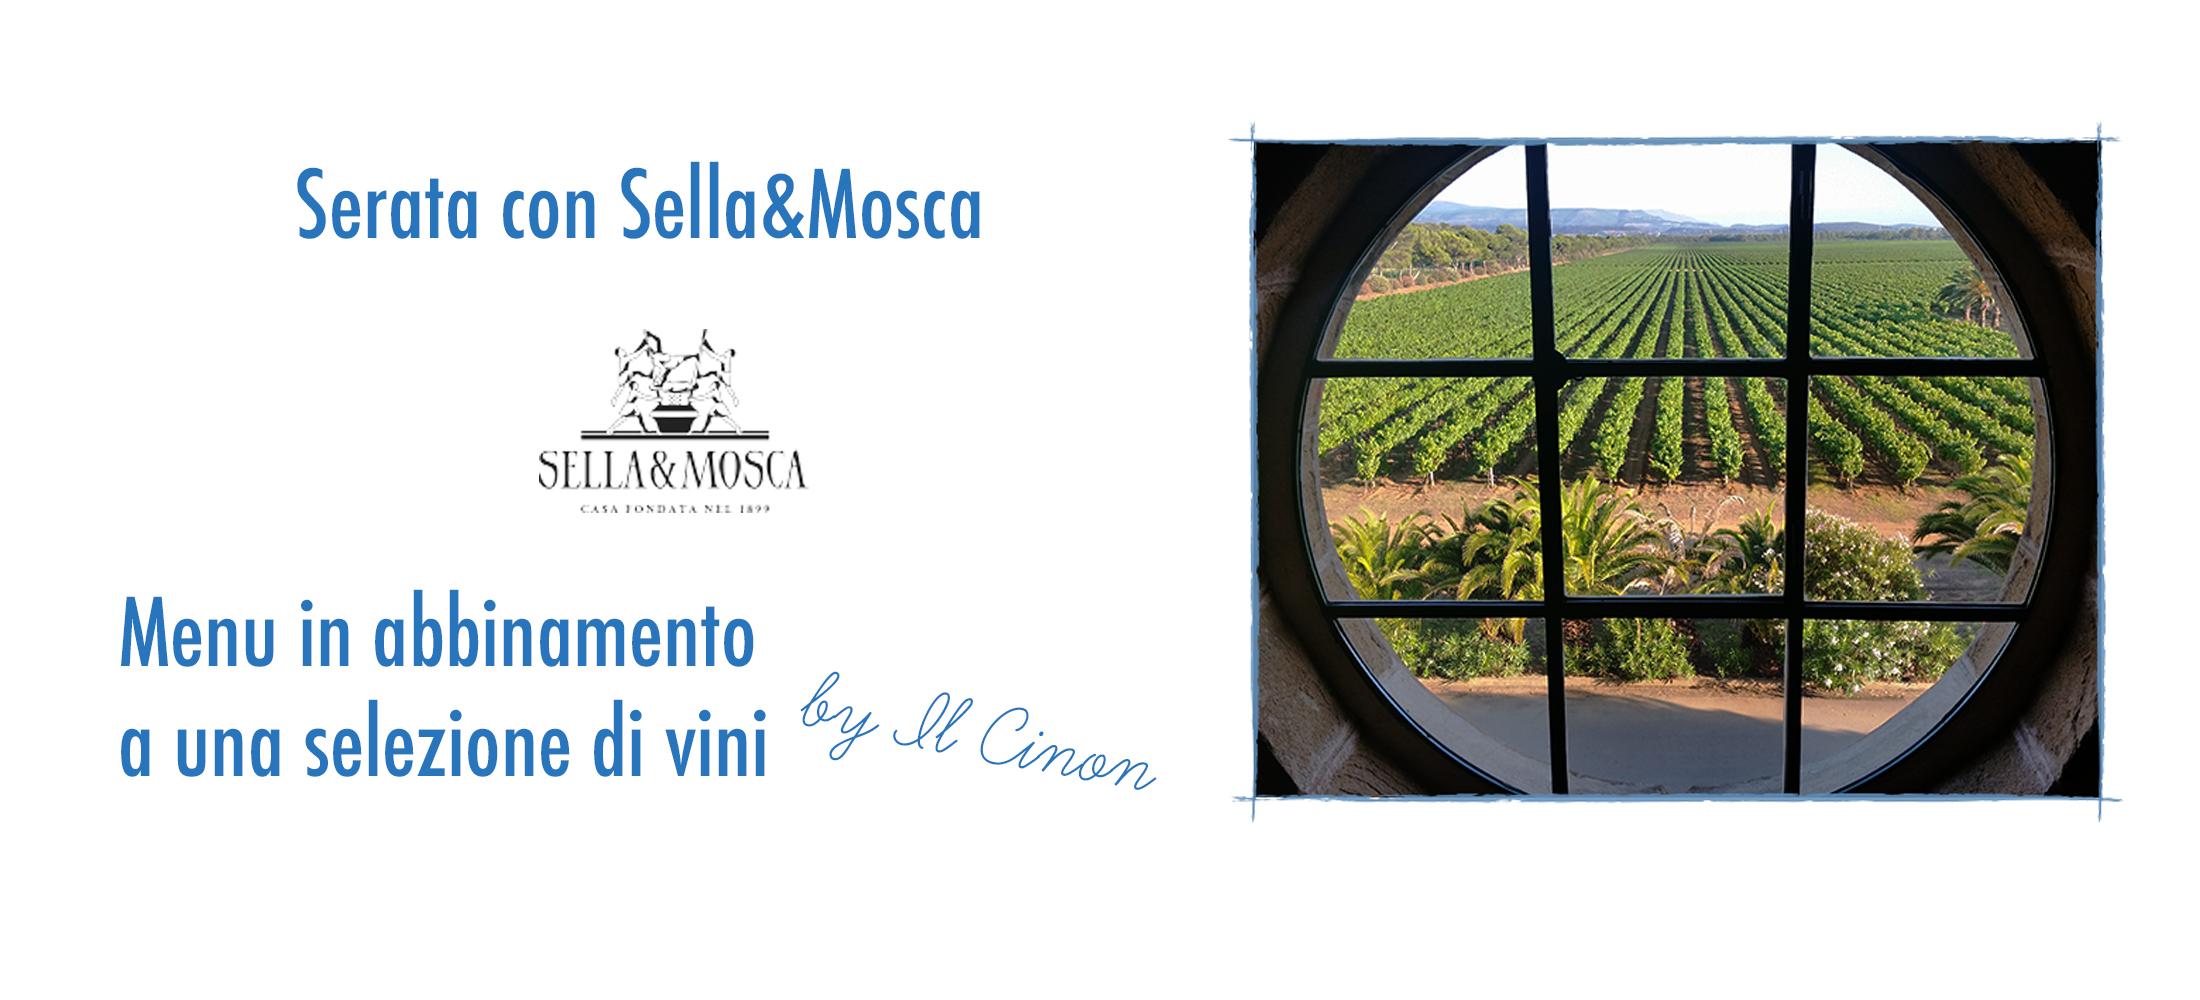 Serata con Sella&Mosca